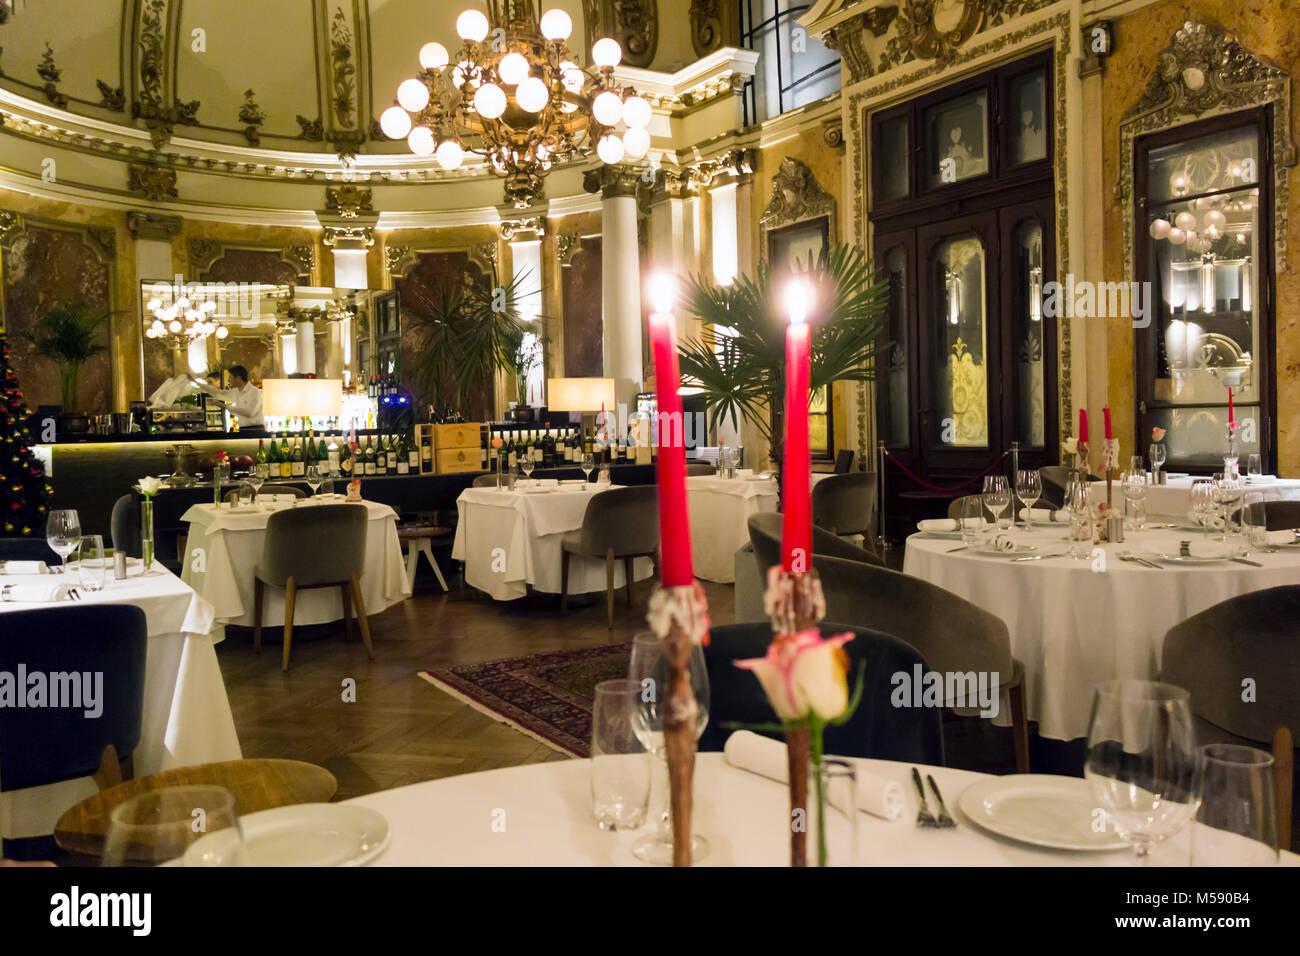 L'intérieur du salon 1905, un restaurant gastronomique à Belgrade, Serbie Photo Stock